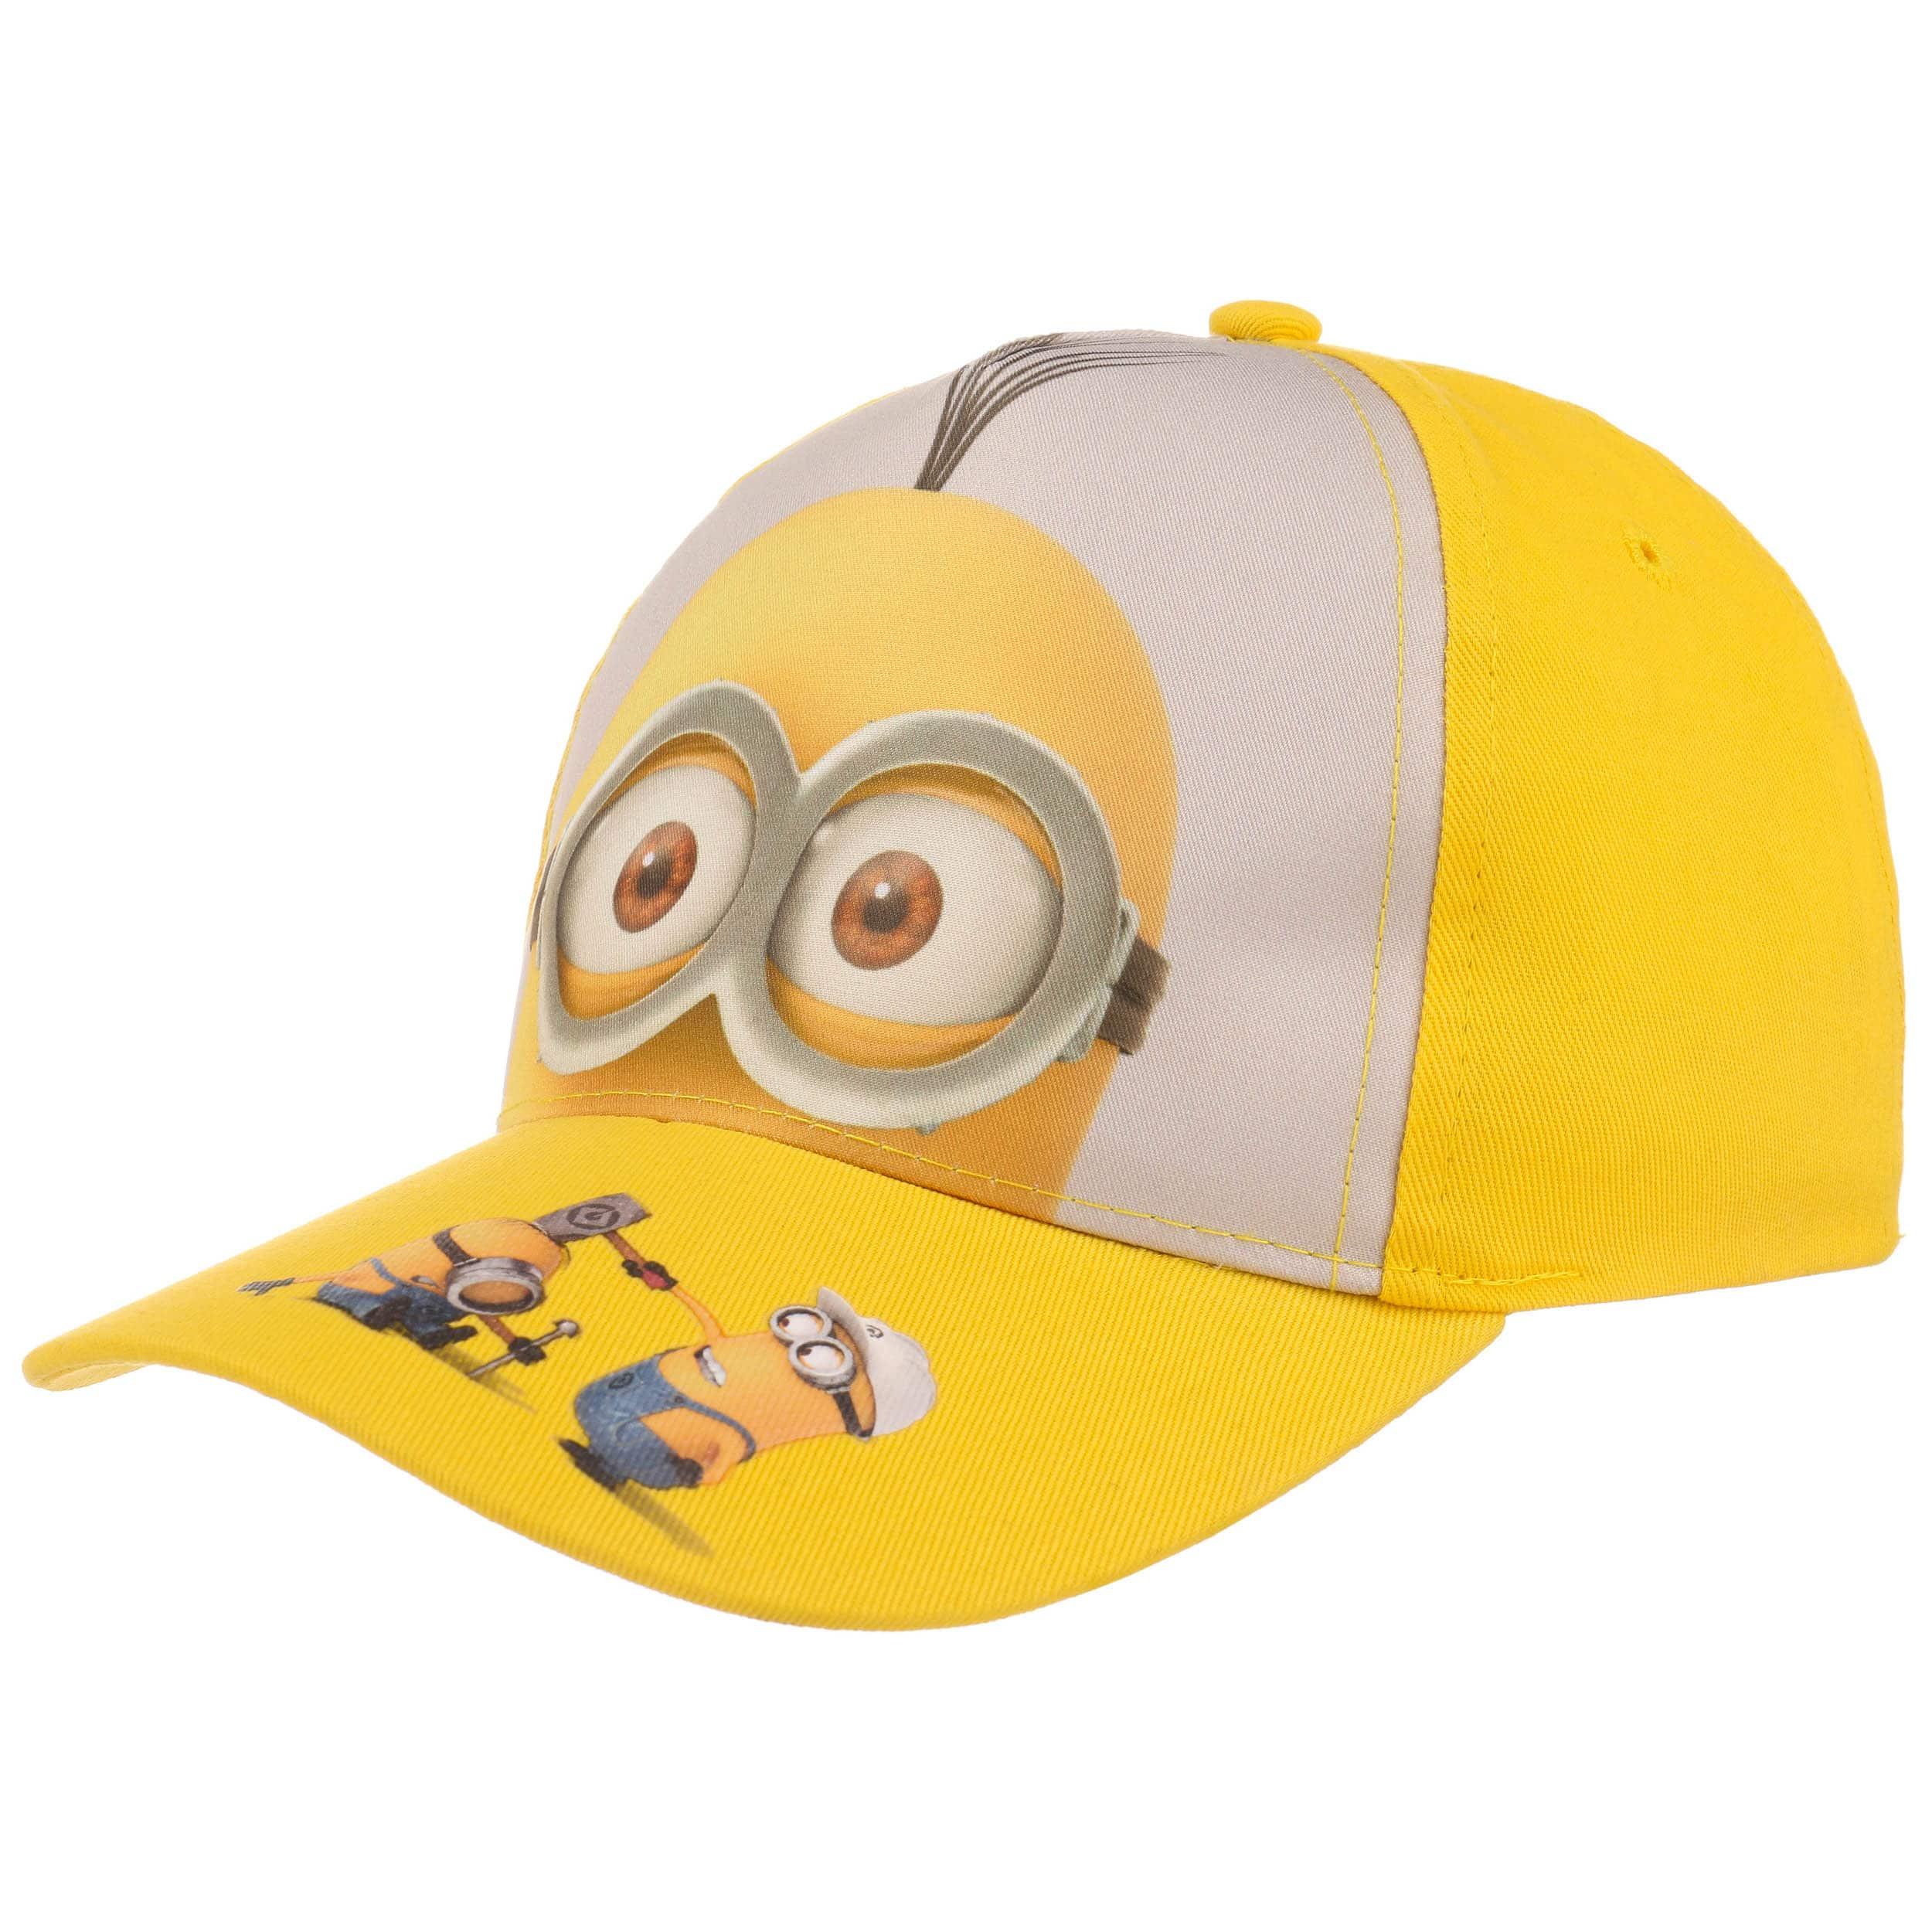 7f54c246c891b ... Casquette de Baseball pour Enfant Minions - jaune 6